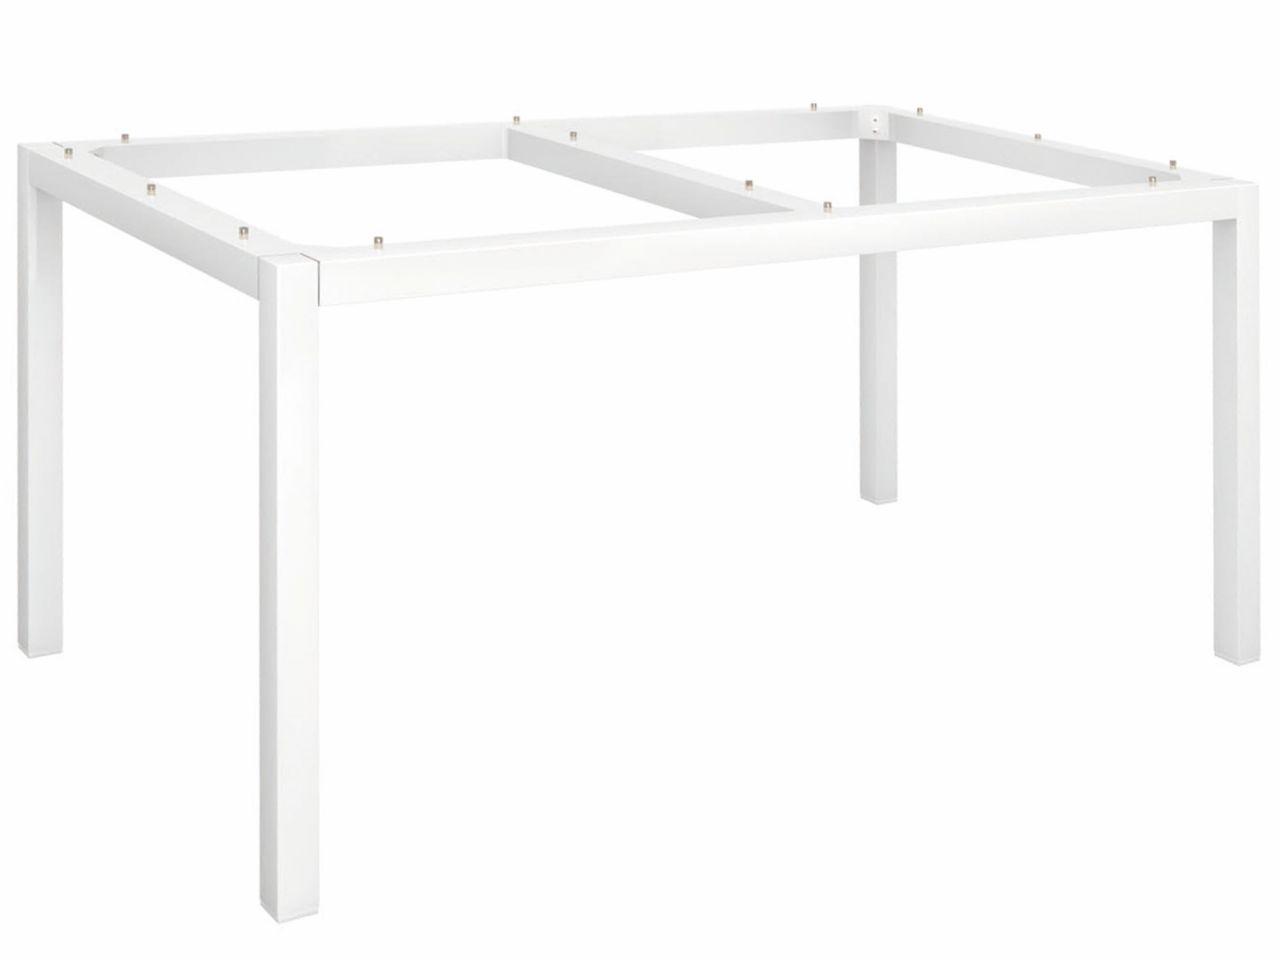 Stern Tischgestell Aluminium Vierkantrohr 130x80cm weiß